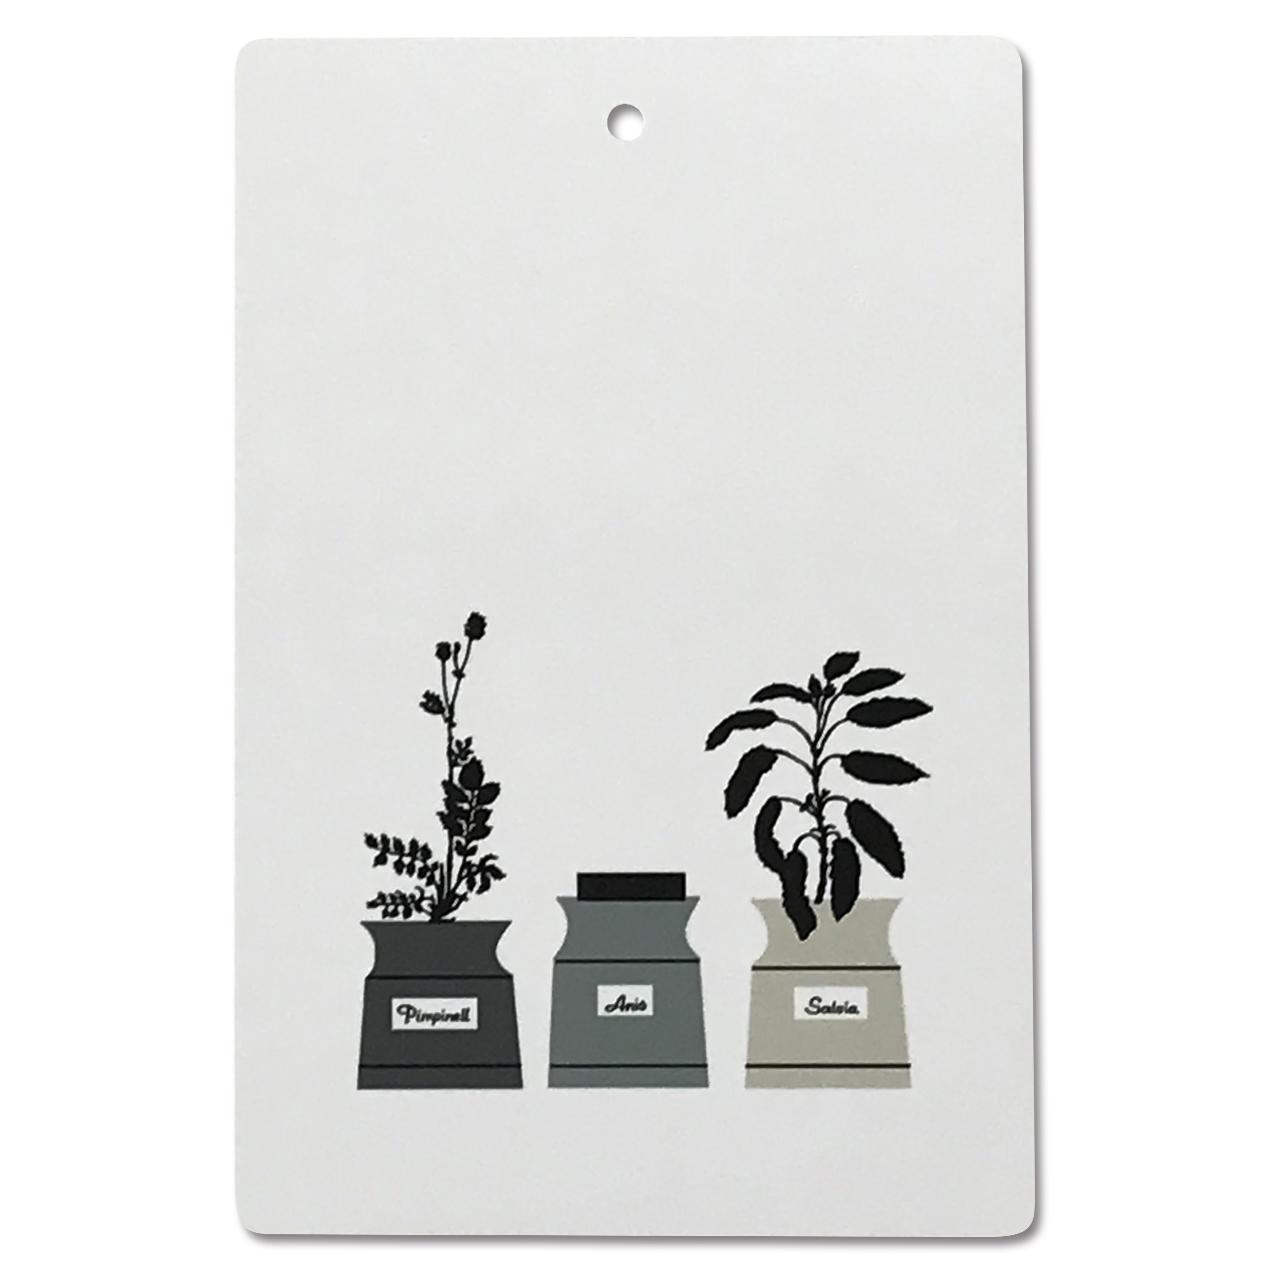 カッティングボード Persons kryddskåp 30×20cm グリーン/グレー